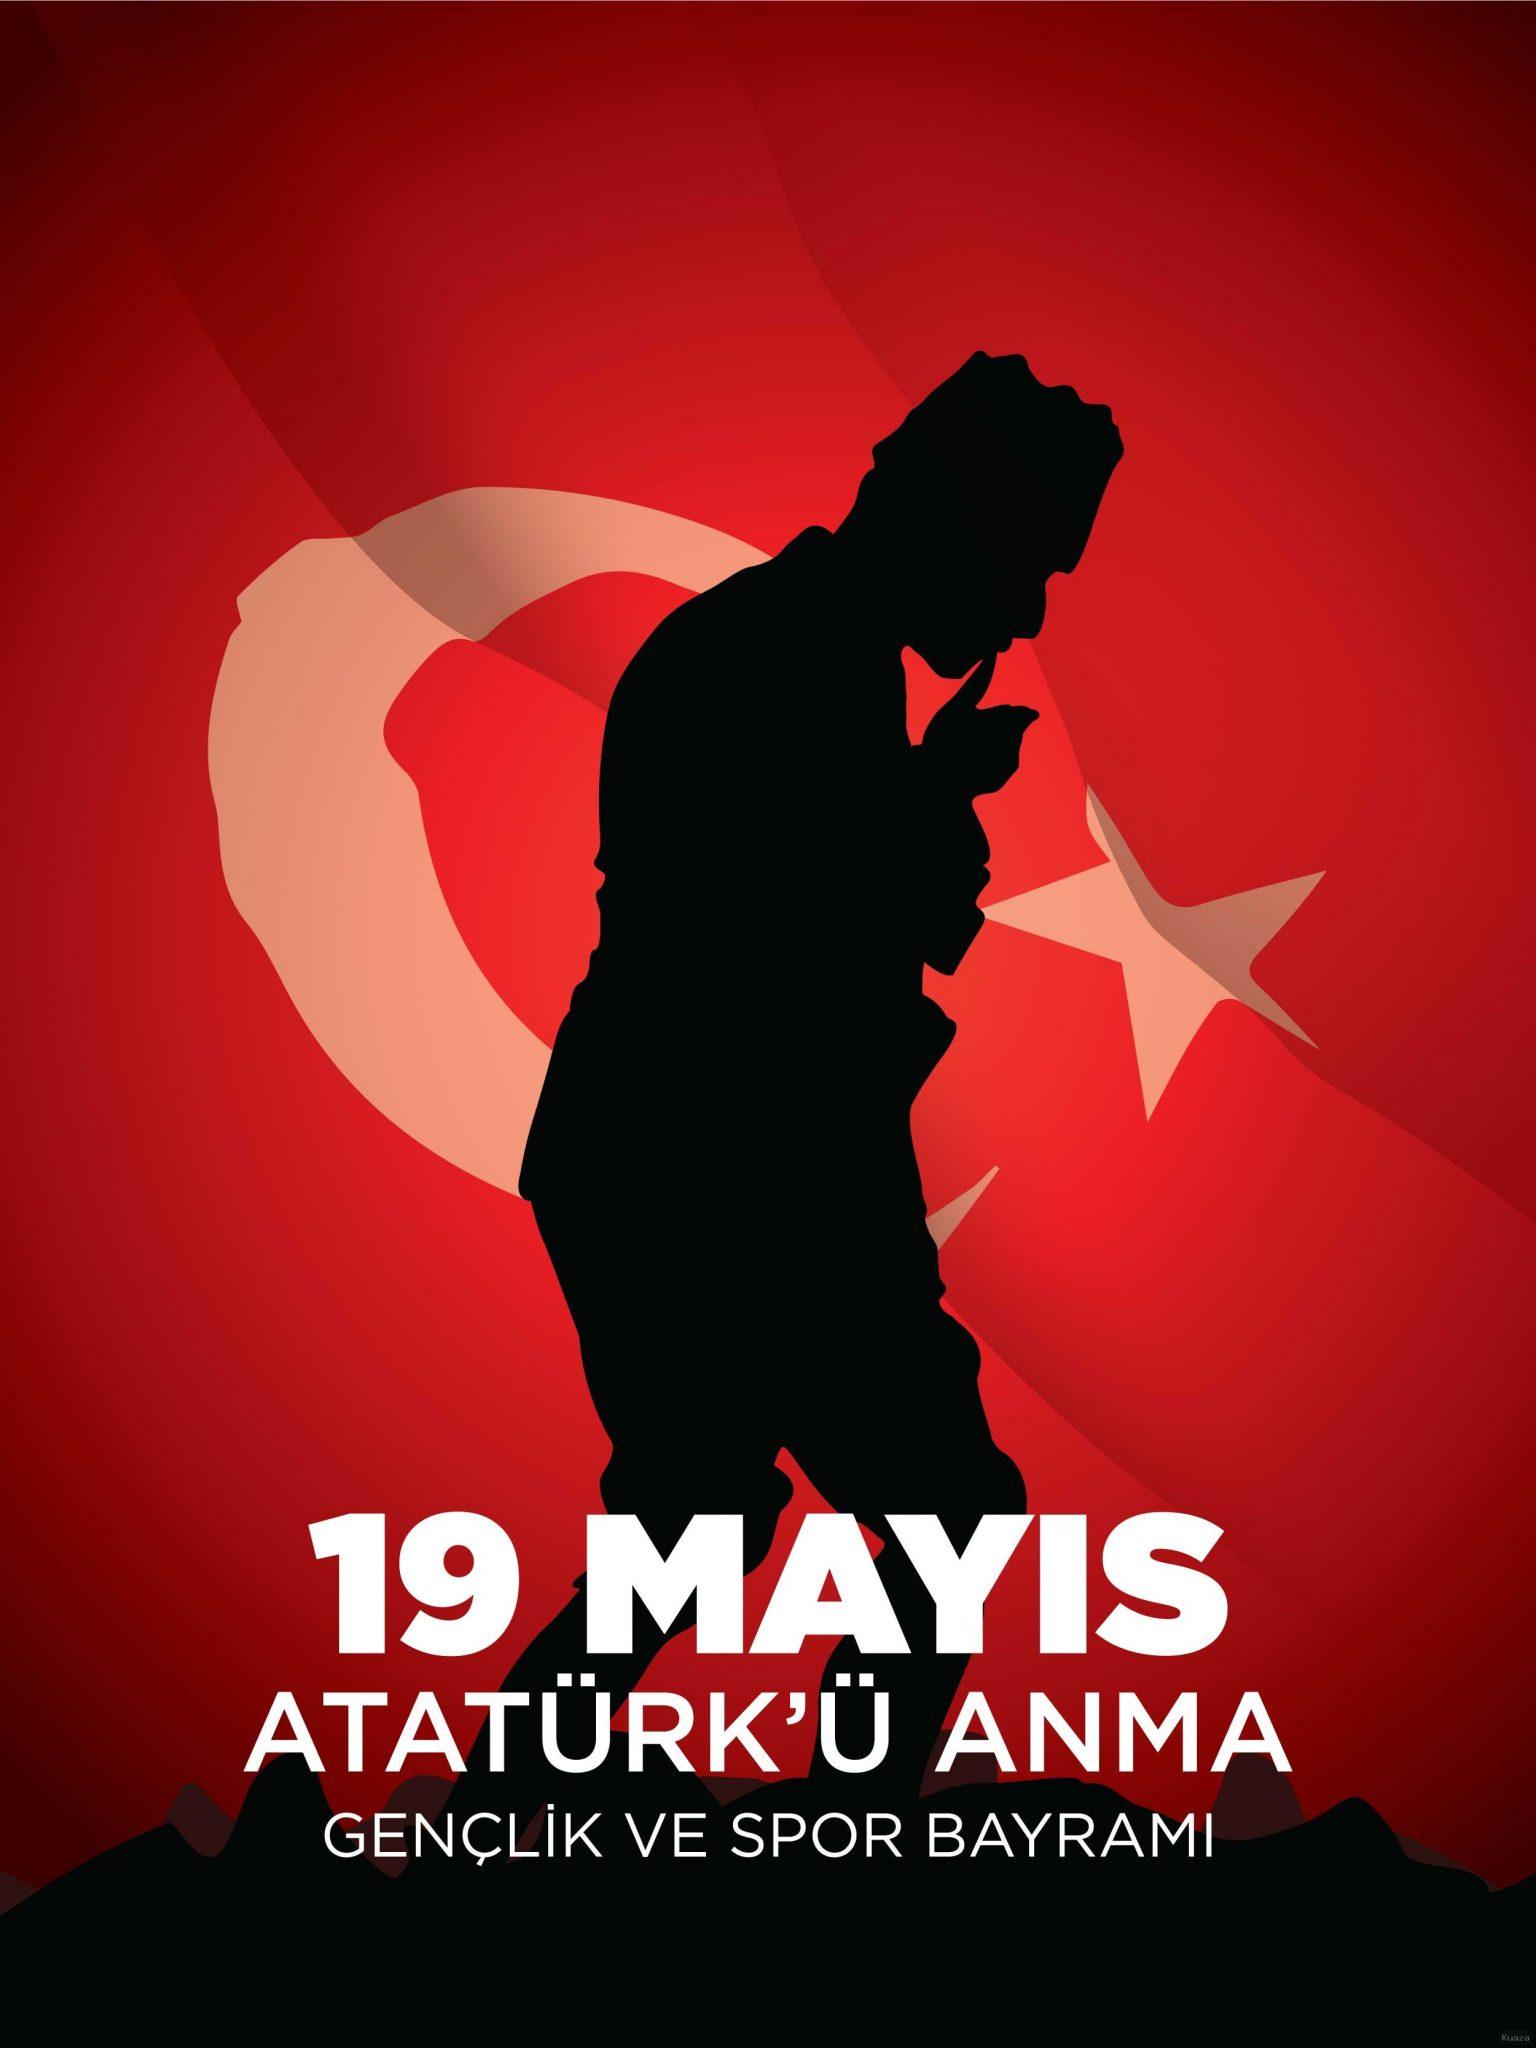 19 Mayıs İle İlgili Resimli Sözler Kutlama Mesajları 19 Mayıs Atatürkü Anma Gençlik Ve Spor Bayramı 57 - 19 Mayıs İle İlgili Resimli Sözler, Kutlama Mesajları - 19 Mayıs Sözleri, resimli-sozler, guzel-sozler